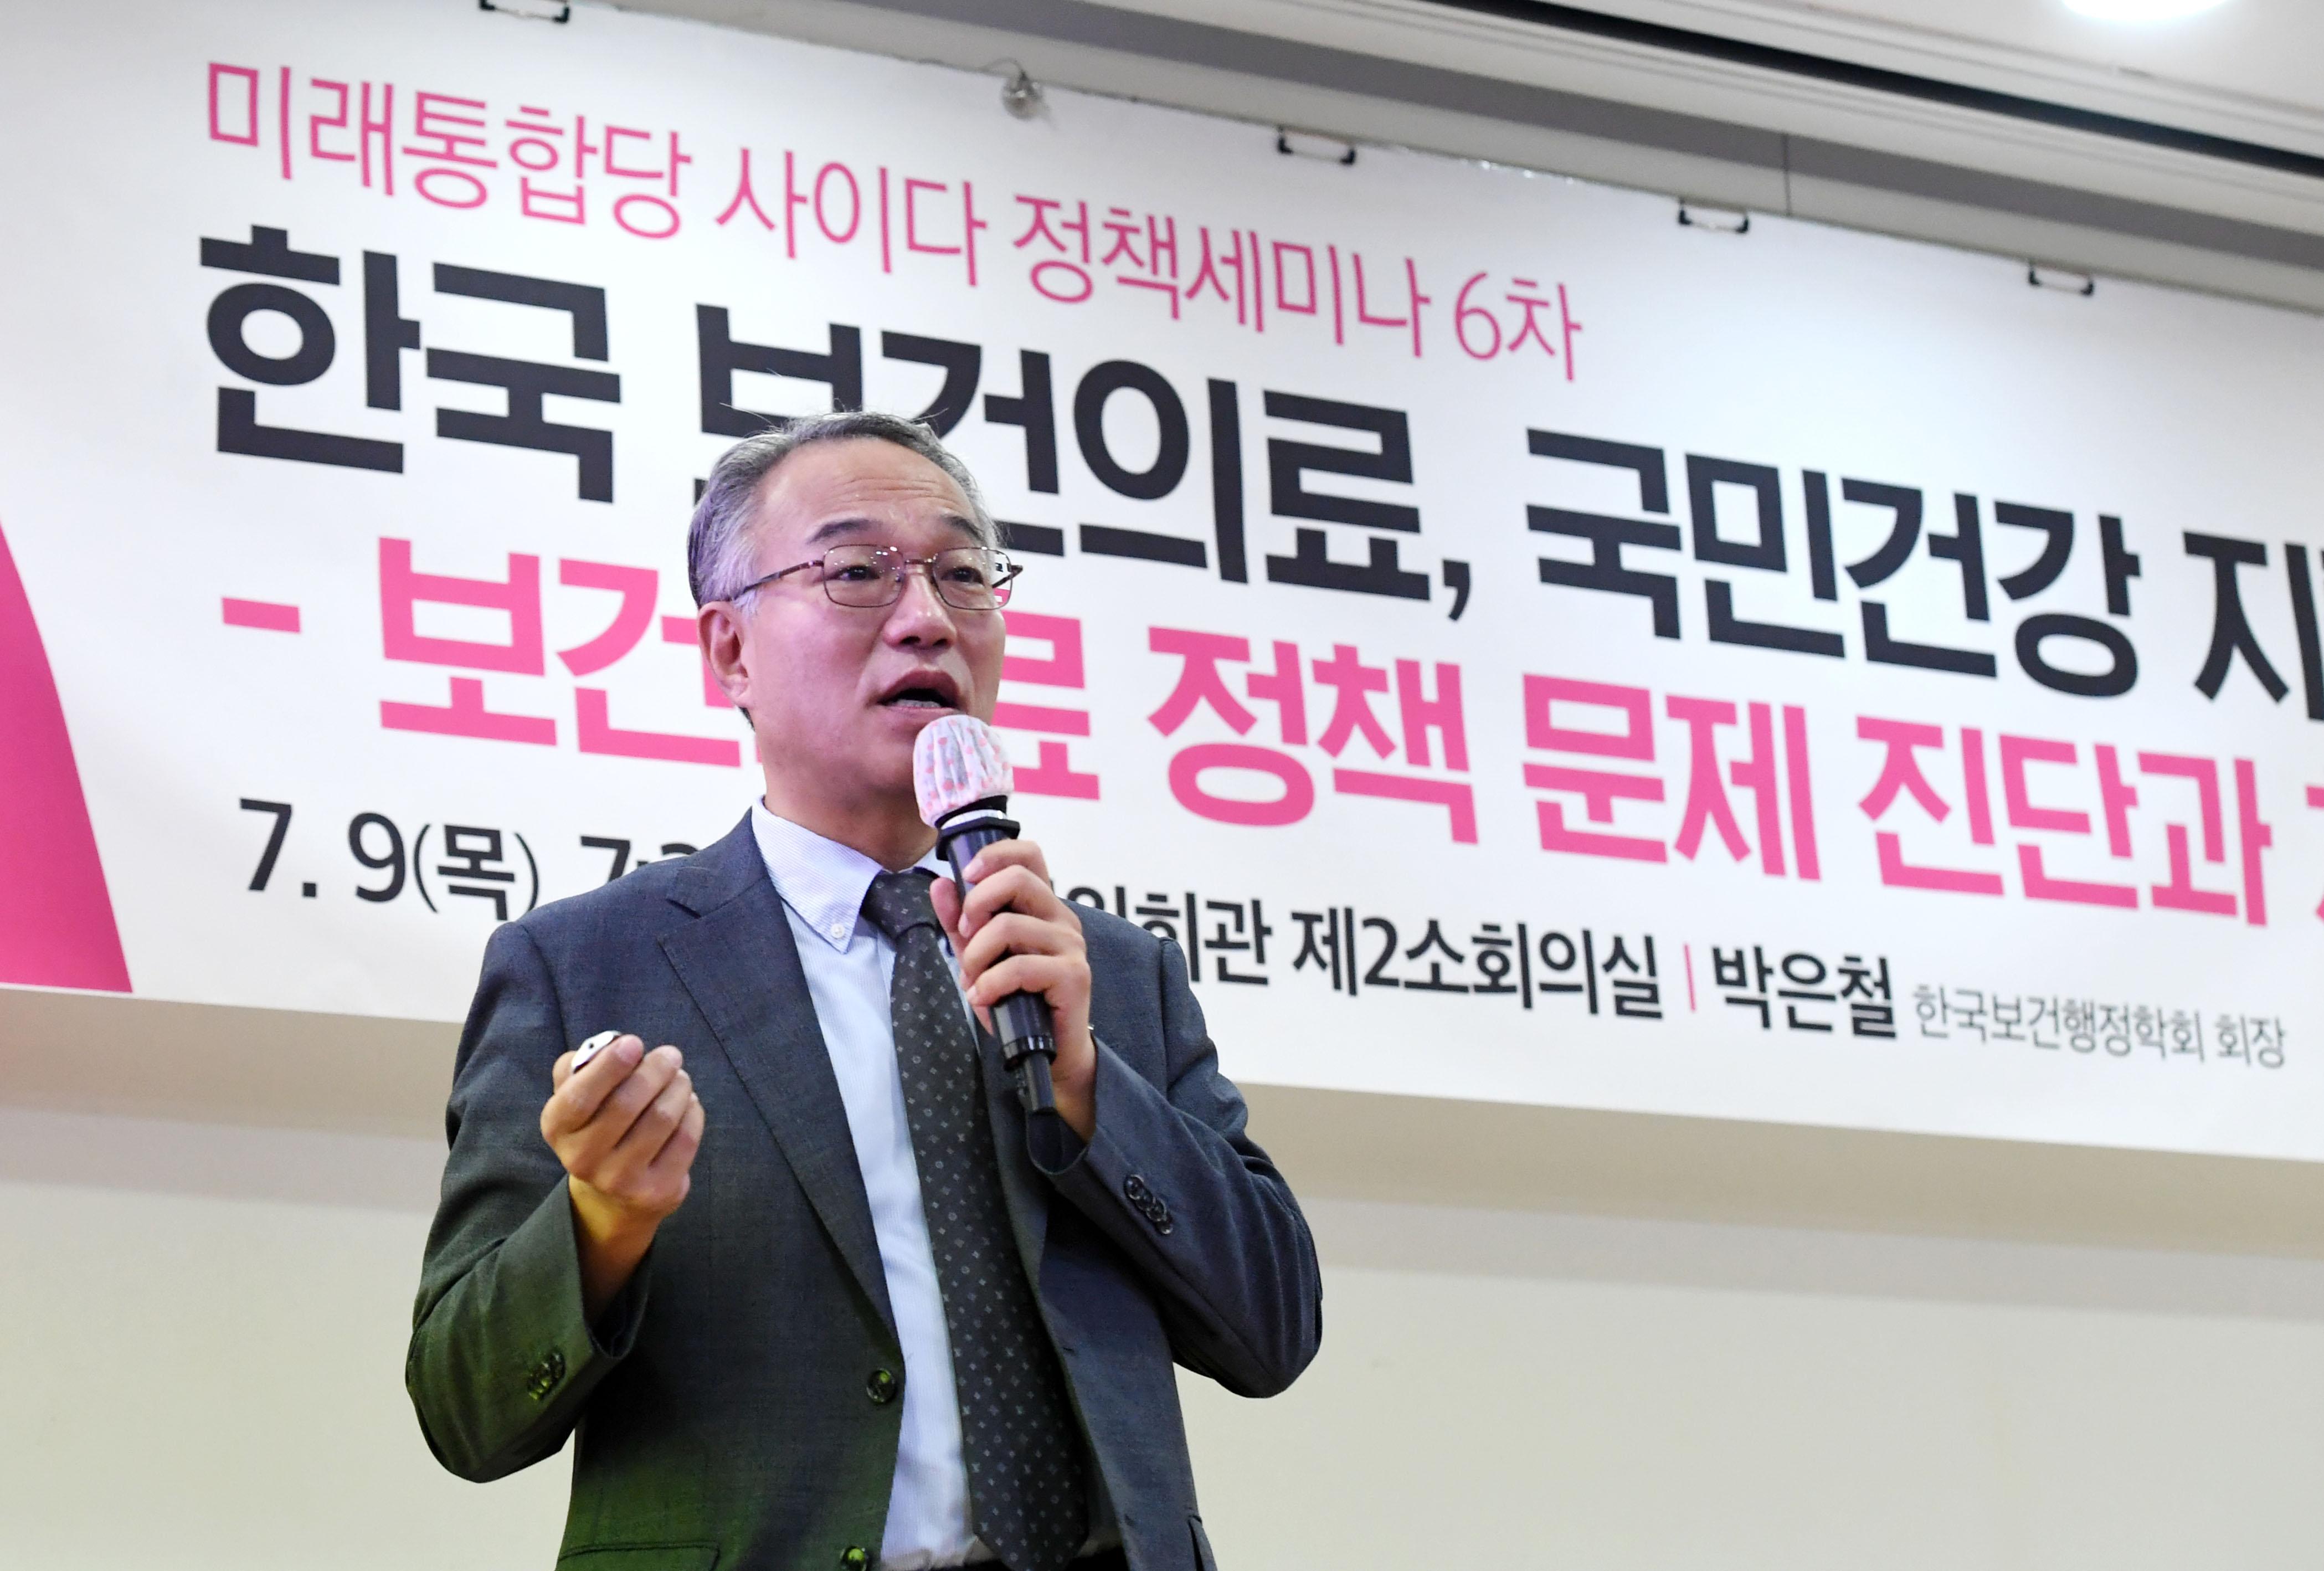 사이다 정책세미나 '보건의료 정책문제 진단과 처방'